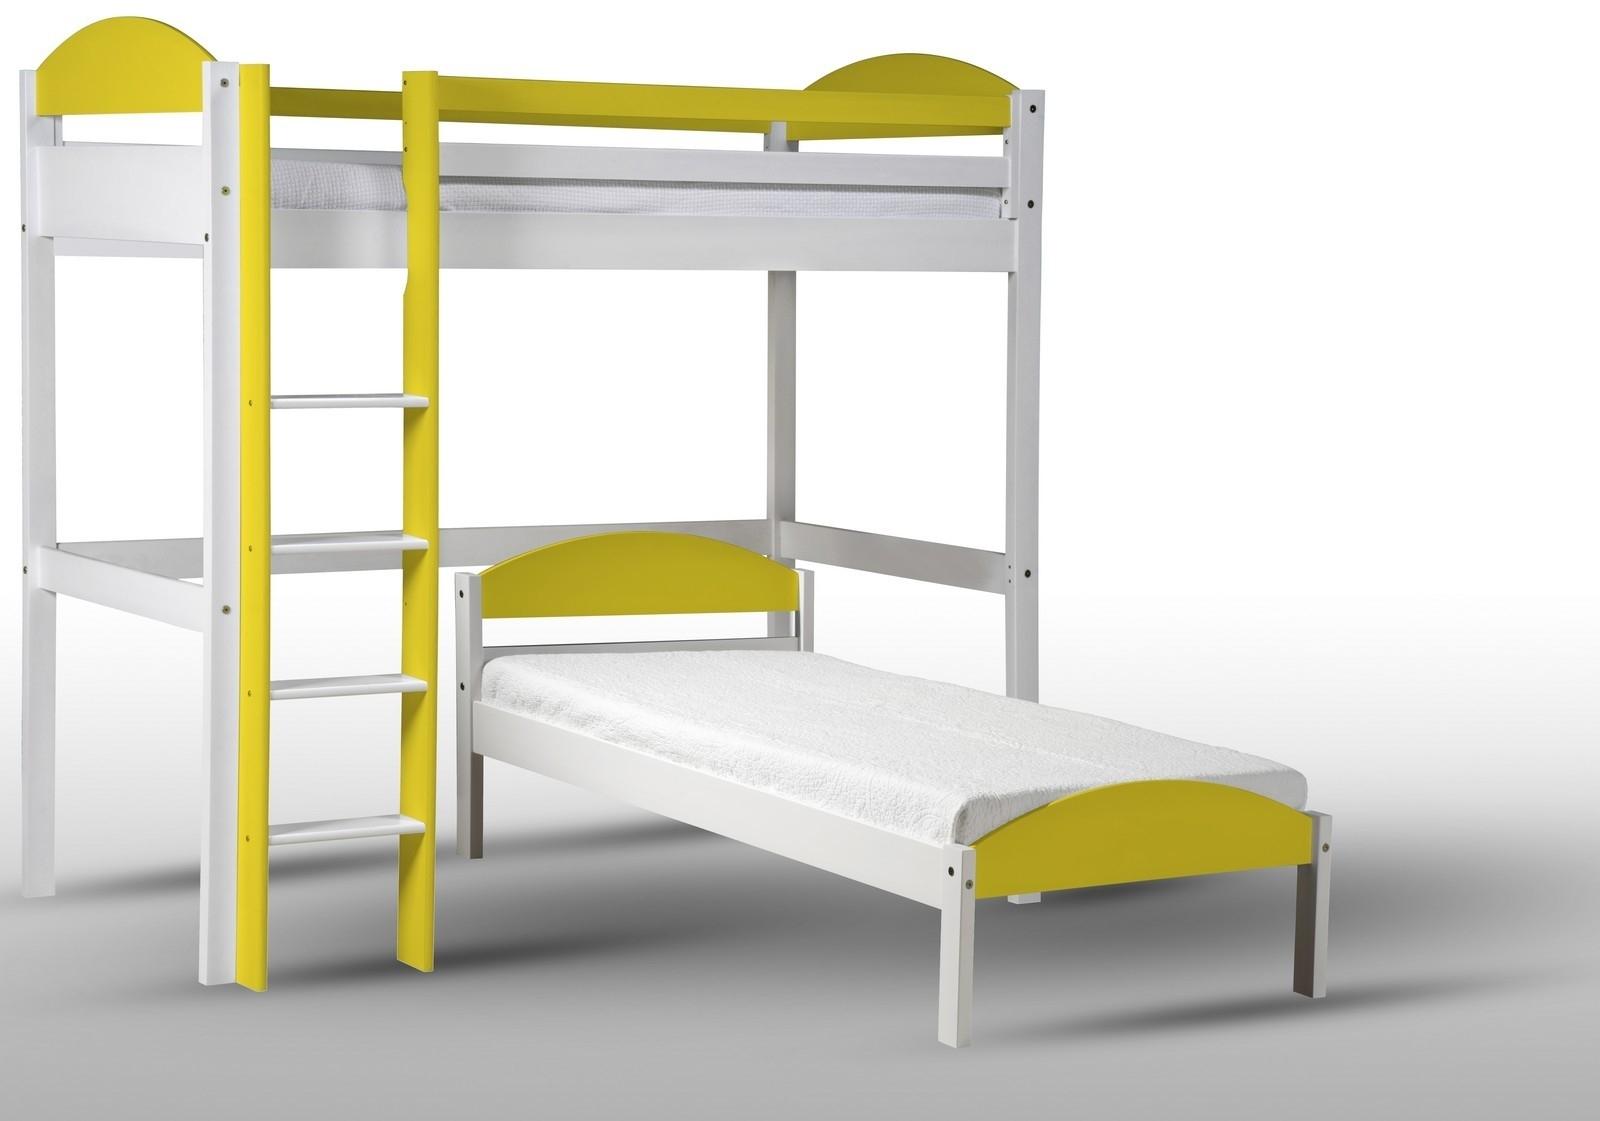 lit mezzanine en l pin blanc lasur et jaune aladin. Black Bedroom Furniture Sets. Home Design Ideas